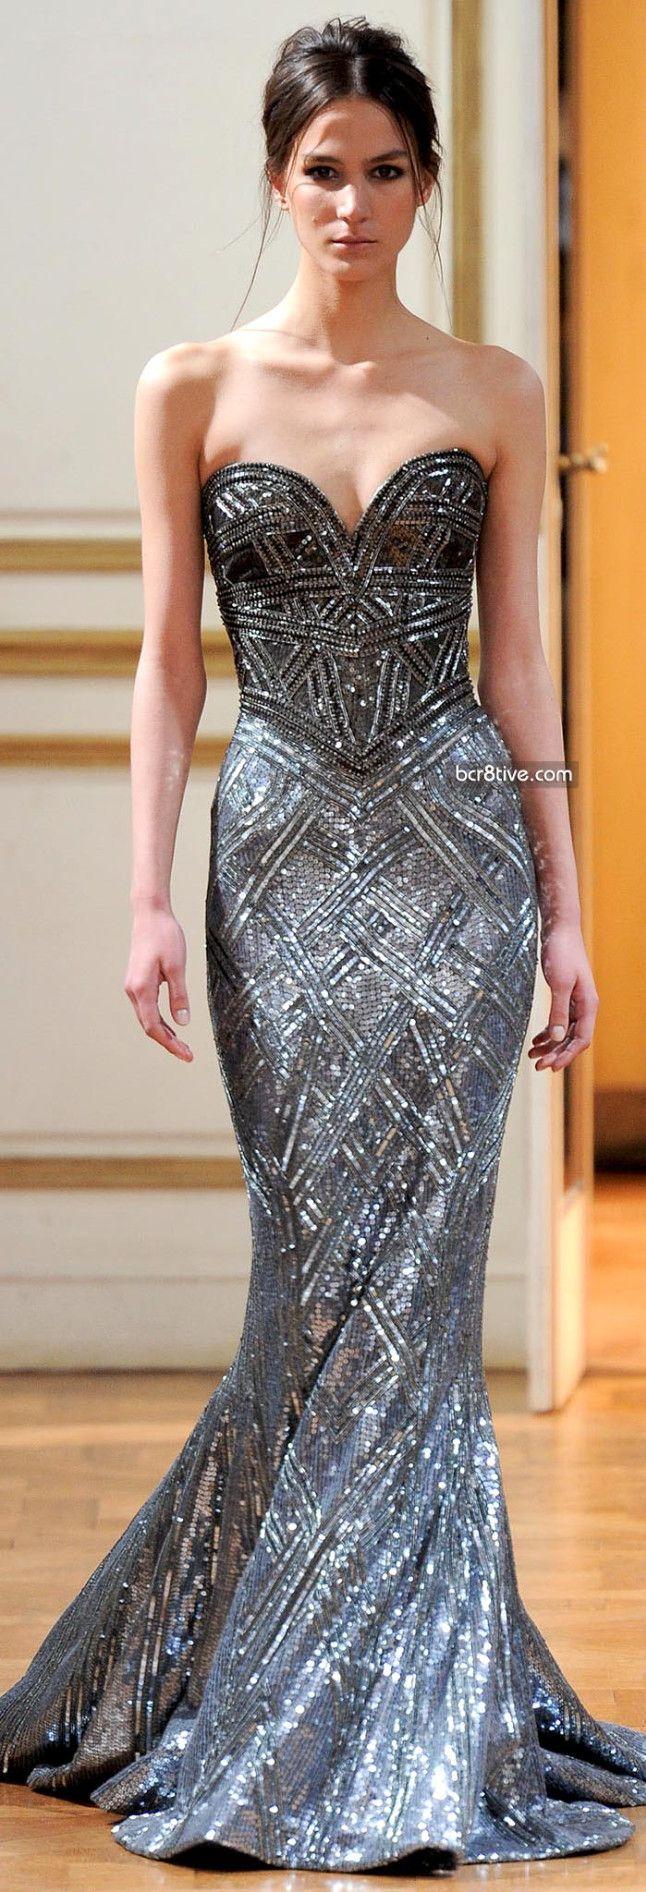 #noble wedding dresss #gorgeous wedding dress #Zuhair Murad Fall Winter 2013-14 Haute Couture Collection #escherpe